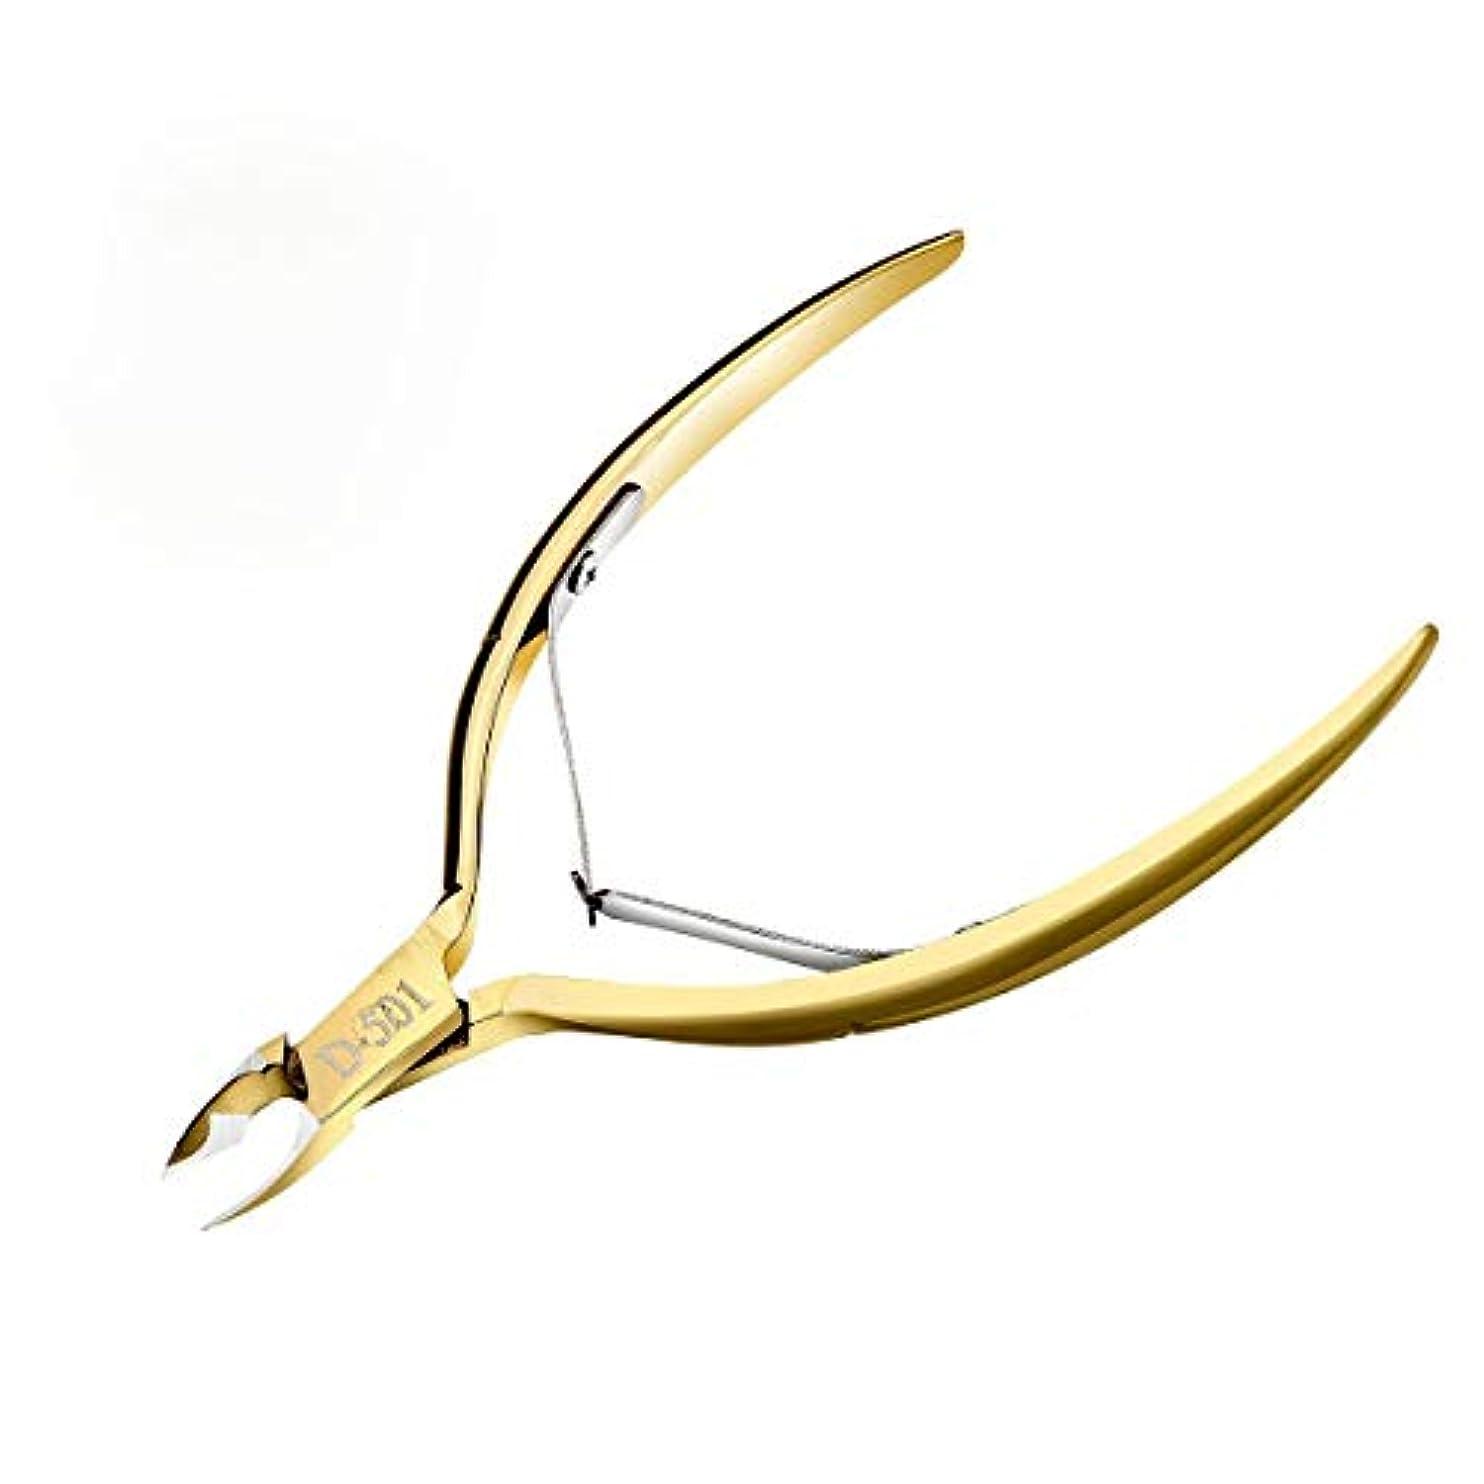 矛盾センブランスお勧めMakartt® JAW1/4  キューティクルニッパー 甘皮切り ささくれニッパー ニッパー式爪切り 魚の目などの角質にも対応